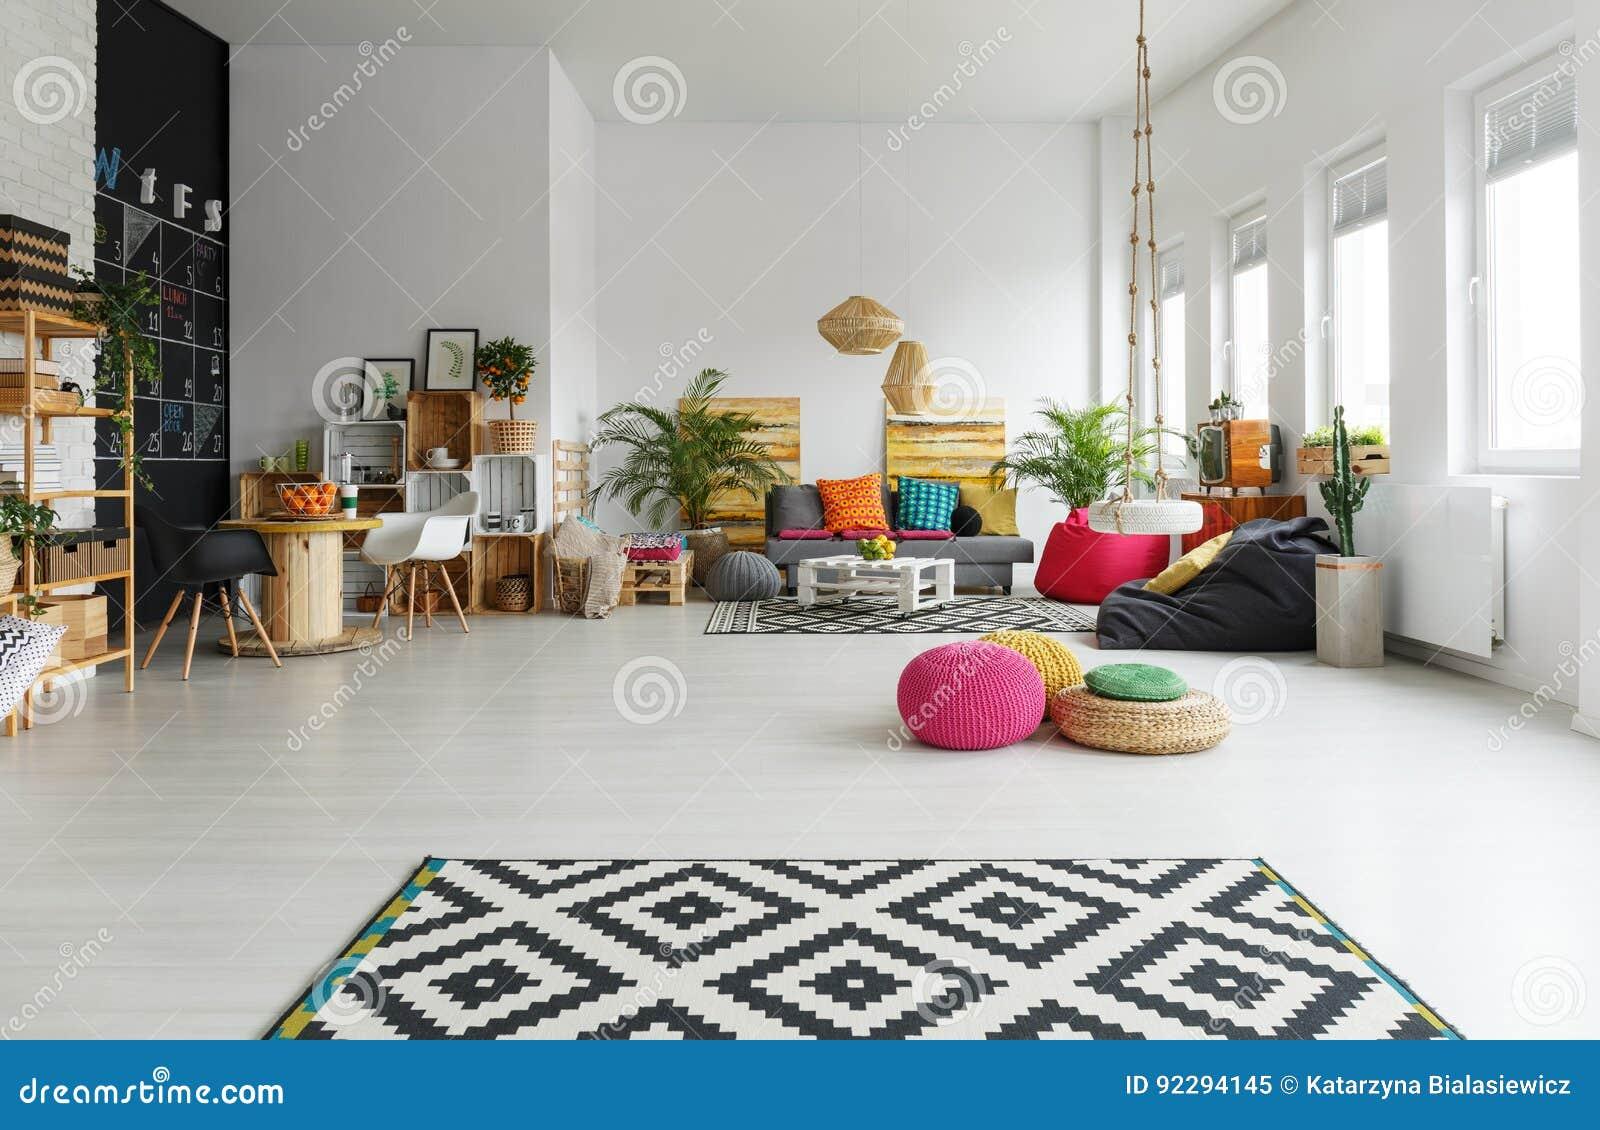 Kleurrijke Witte Woonkamer : Witte ruimte met kleurrijke poef stock afbeelding afbeelding